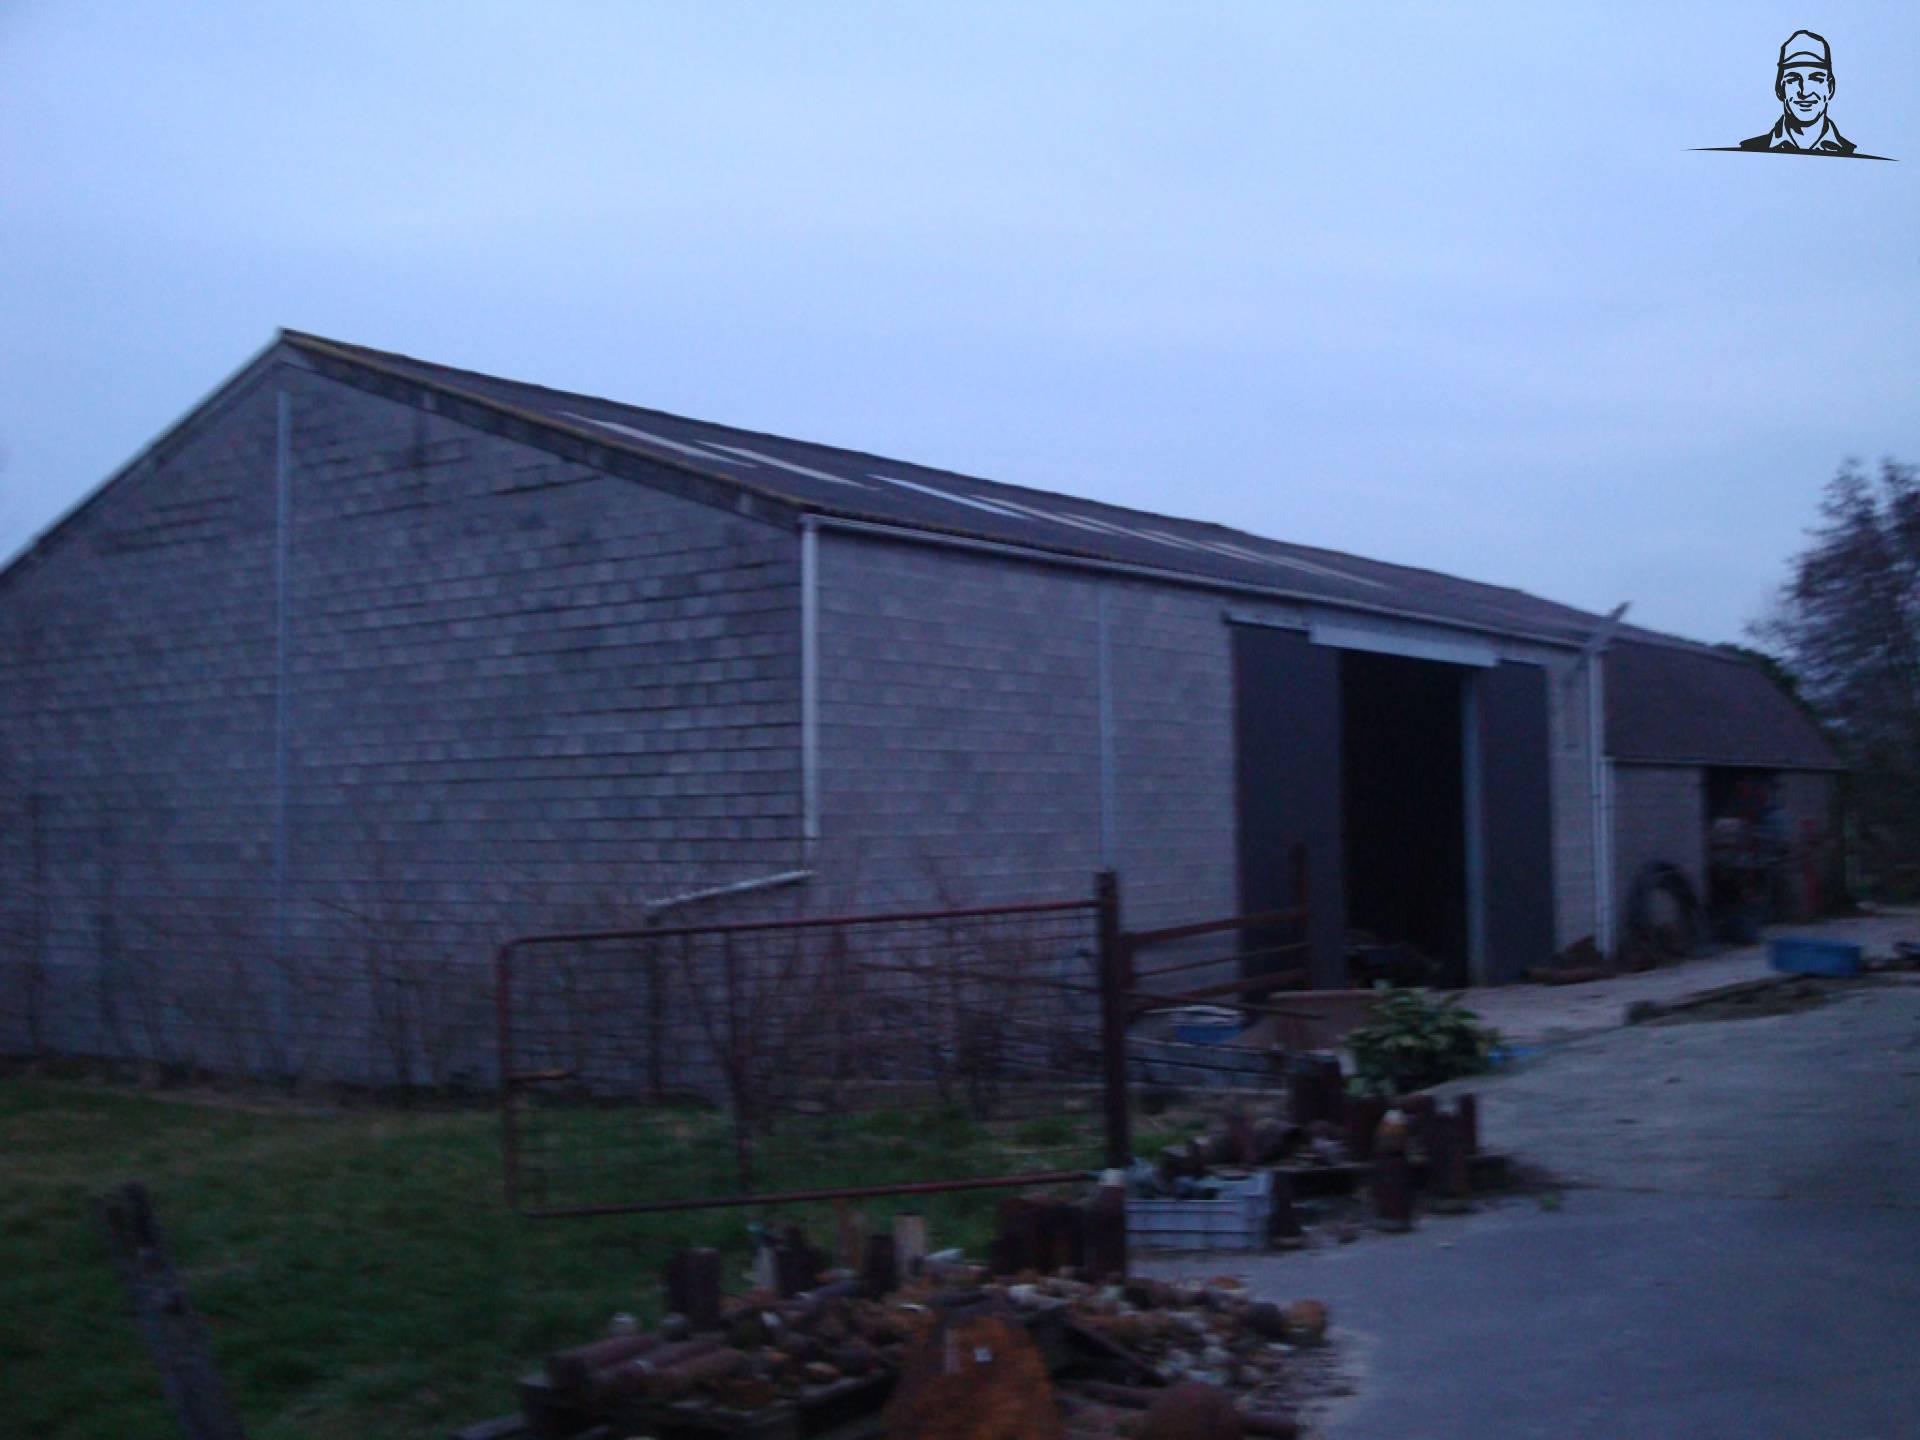 Onze boerderij van Fendttrisixfan